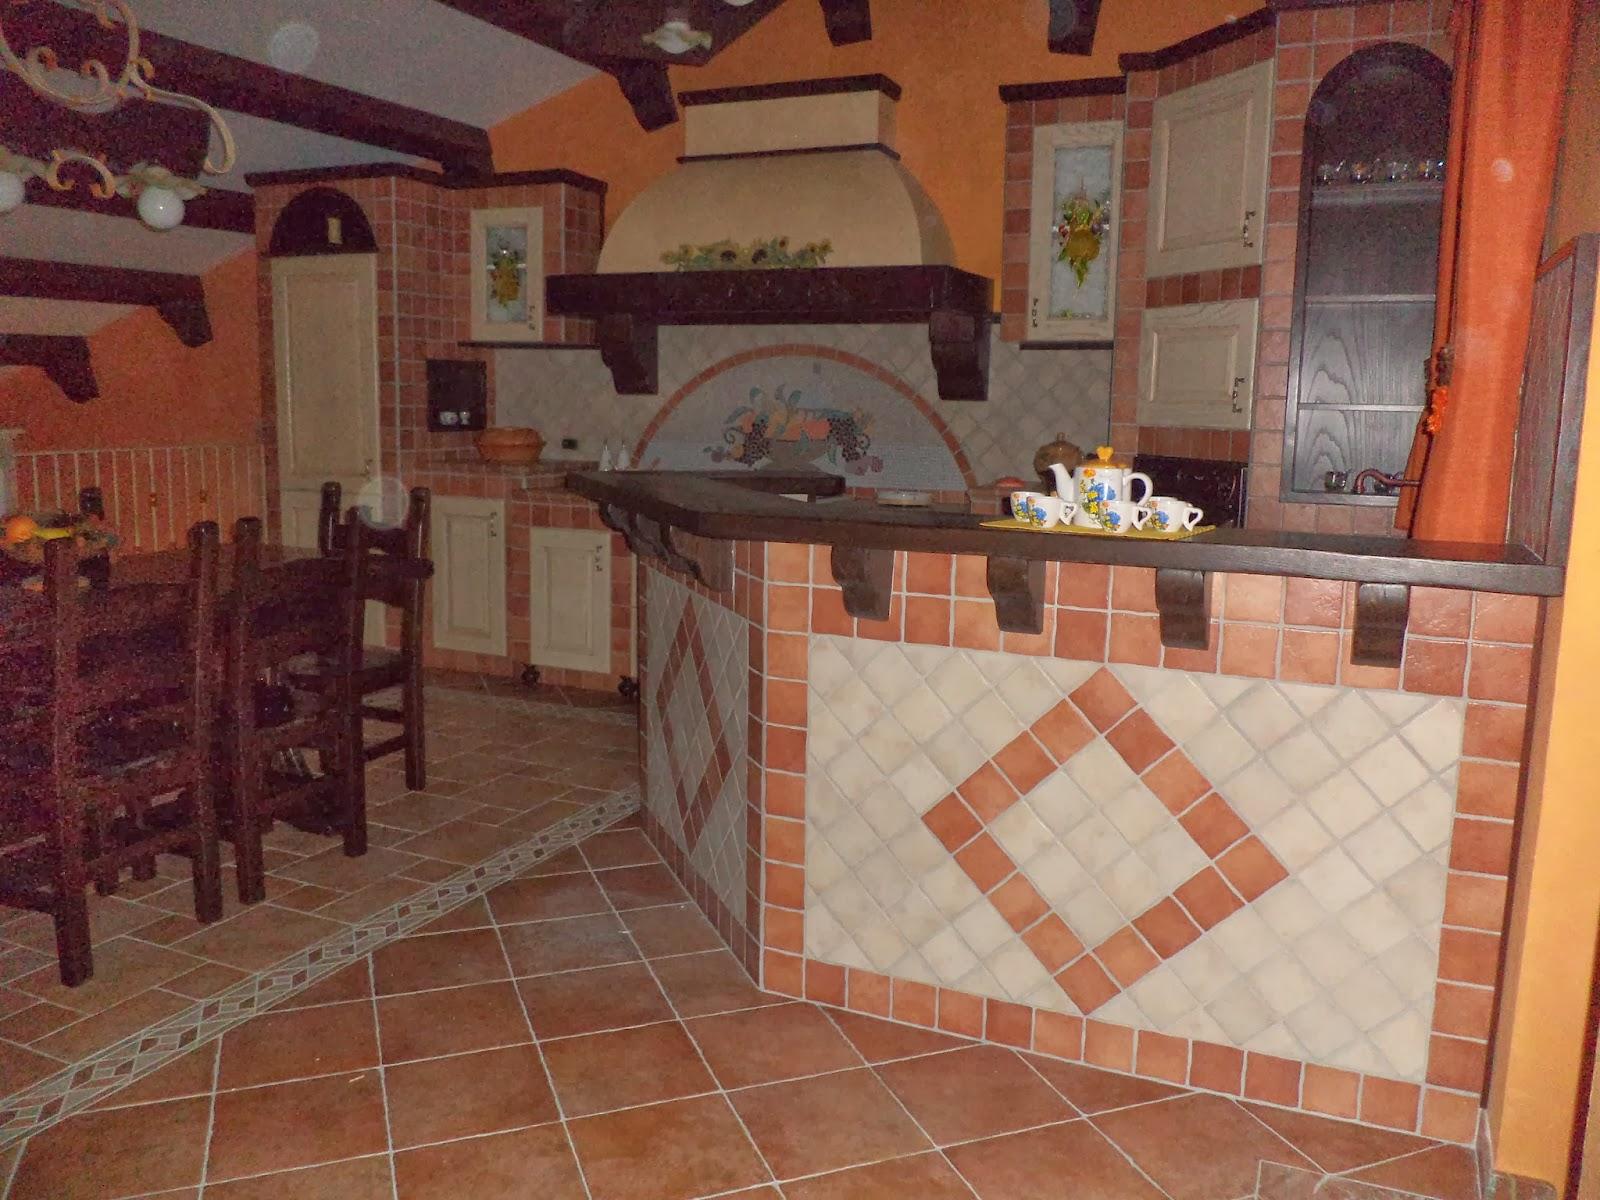 Cucine Particolari In Muratura. Gallery With Cucine Particolari In ...